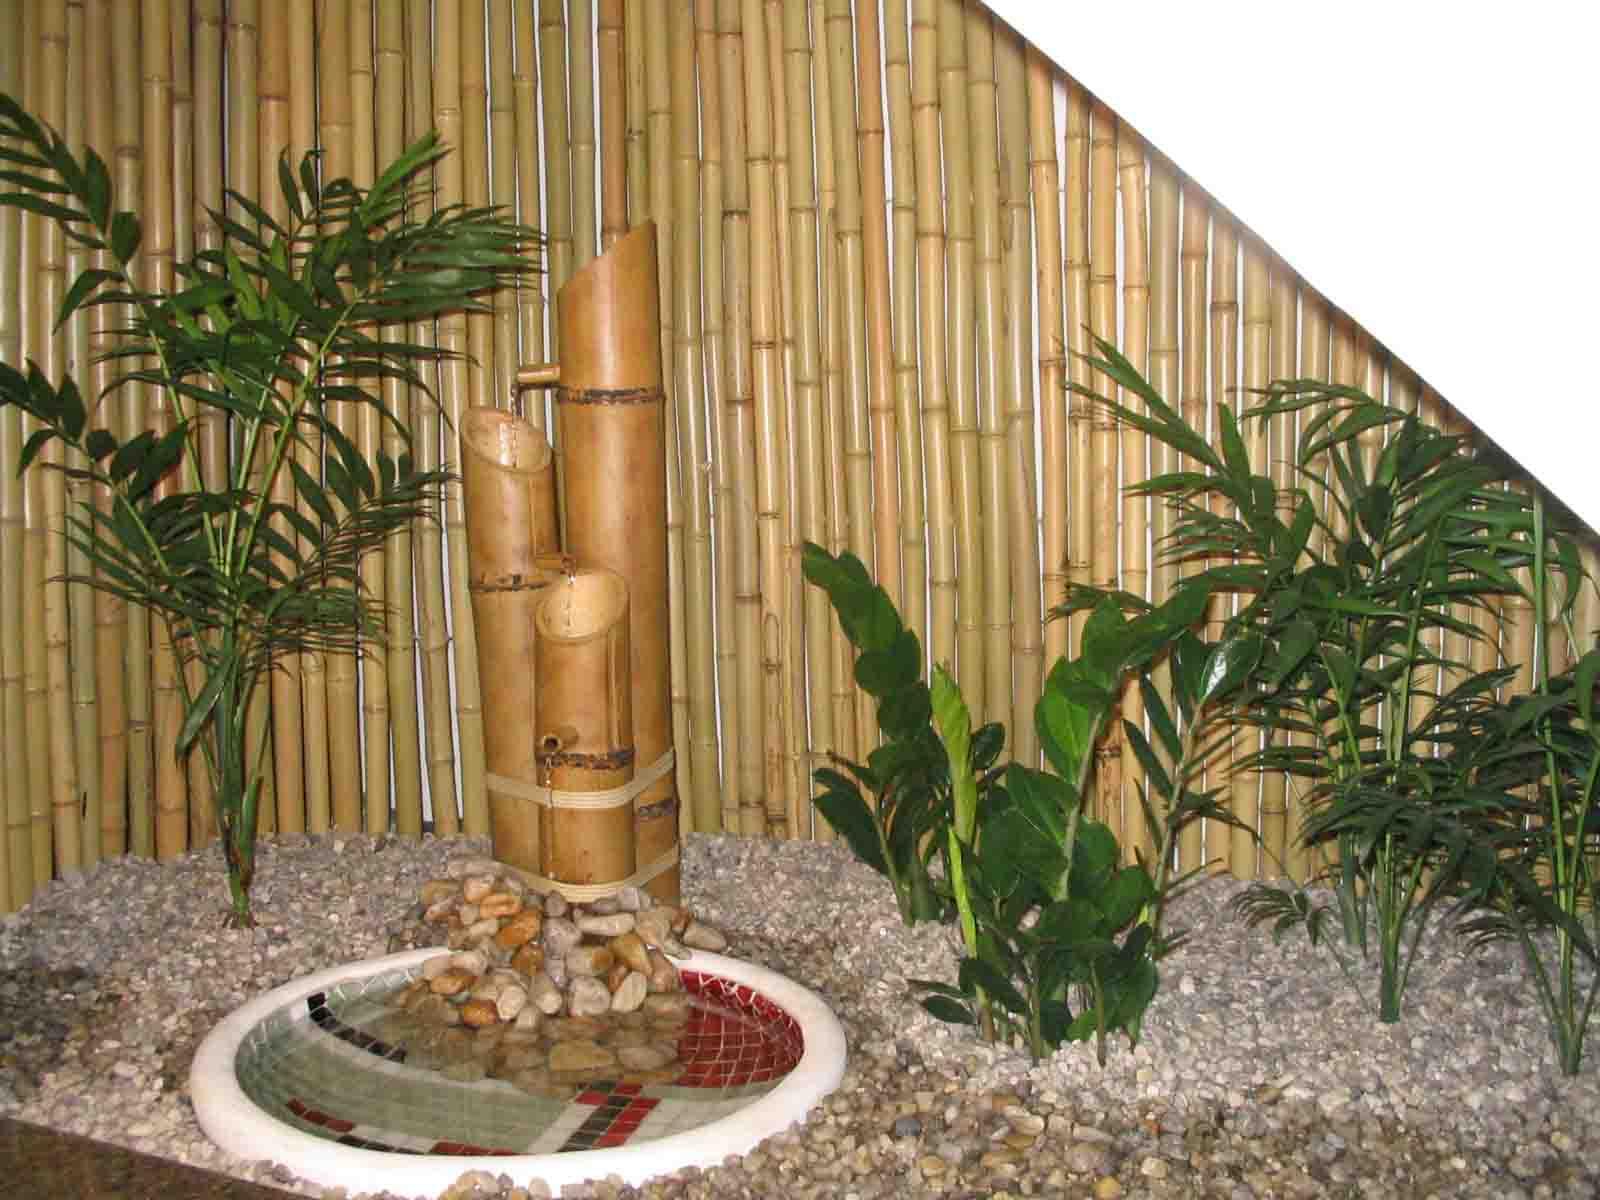 plantas jardim pequeno:Decoração para jardim de inverno pequeno